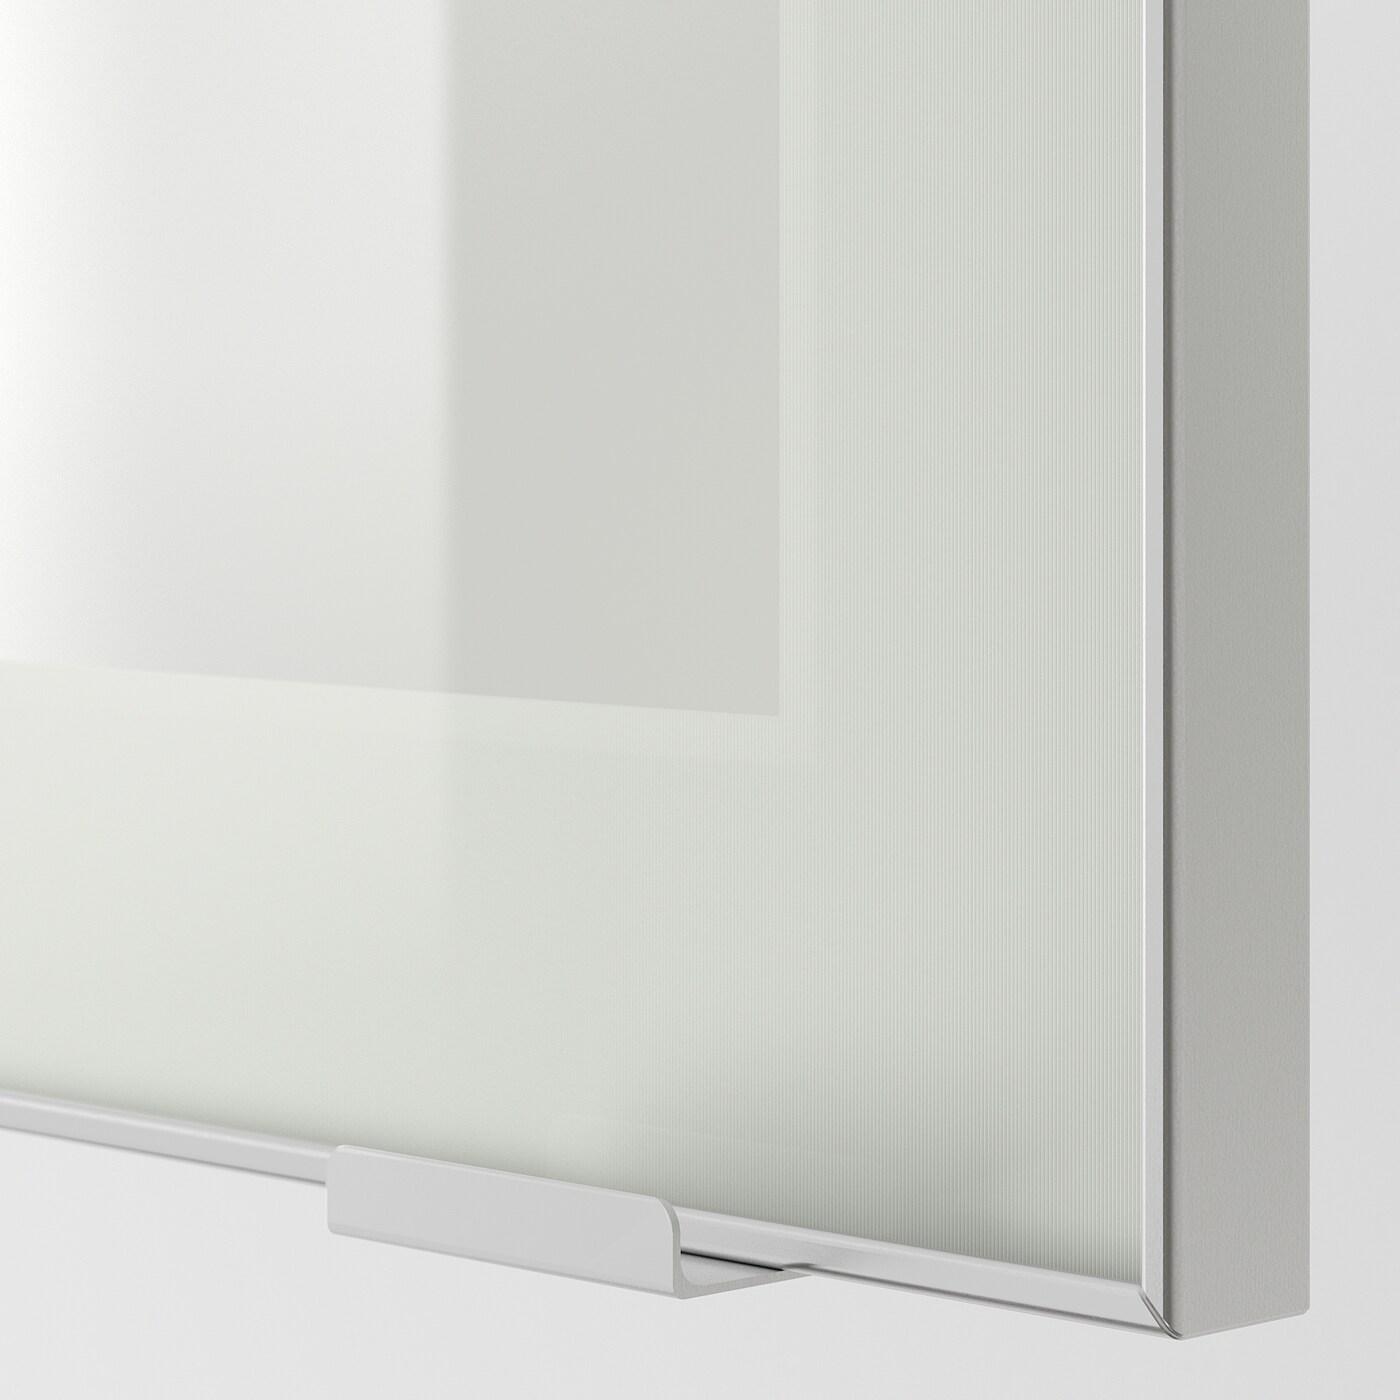 Tableau D Affichage Vitré jutis porte vitrée - verre givré, aluminium 40x80 cm